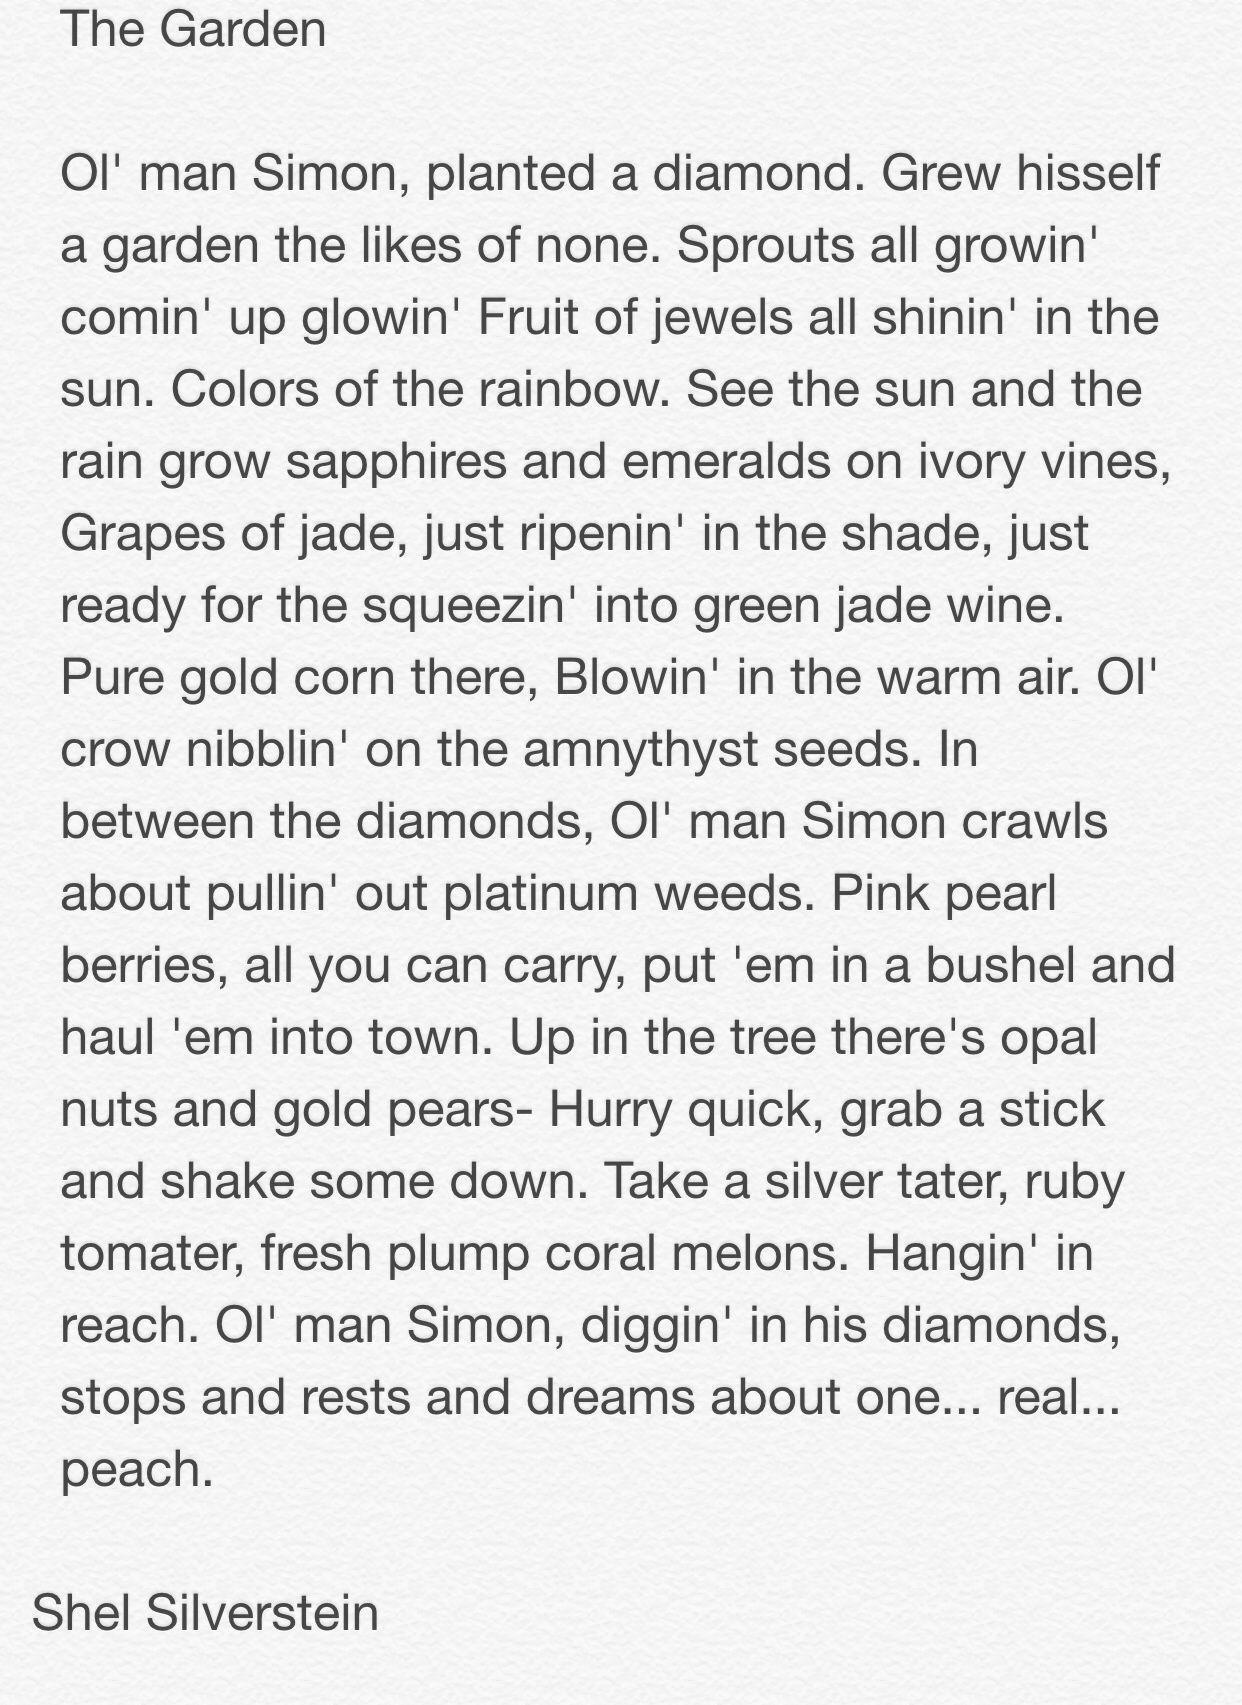 The Garden Shel Silverstein